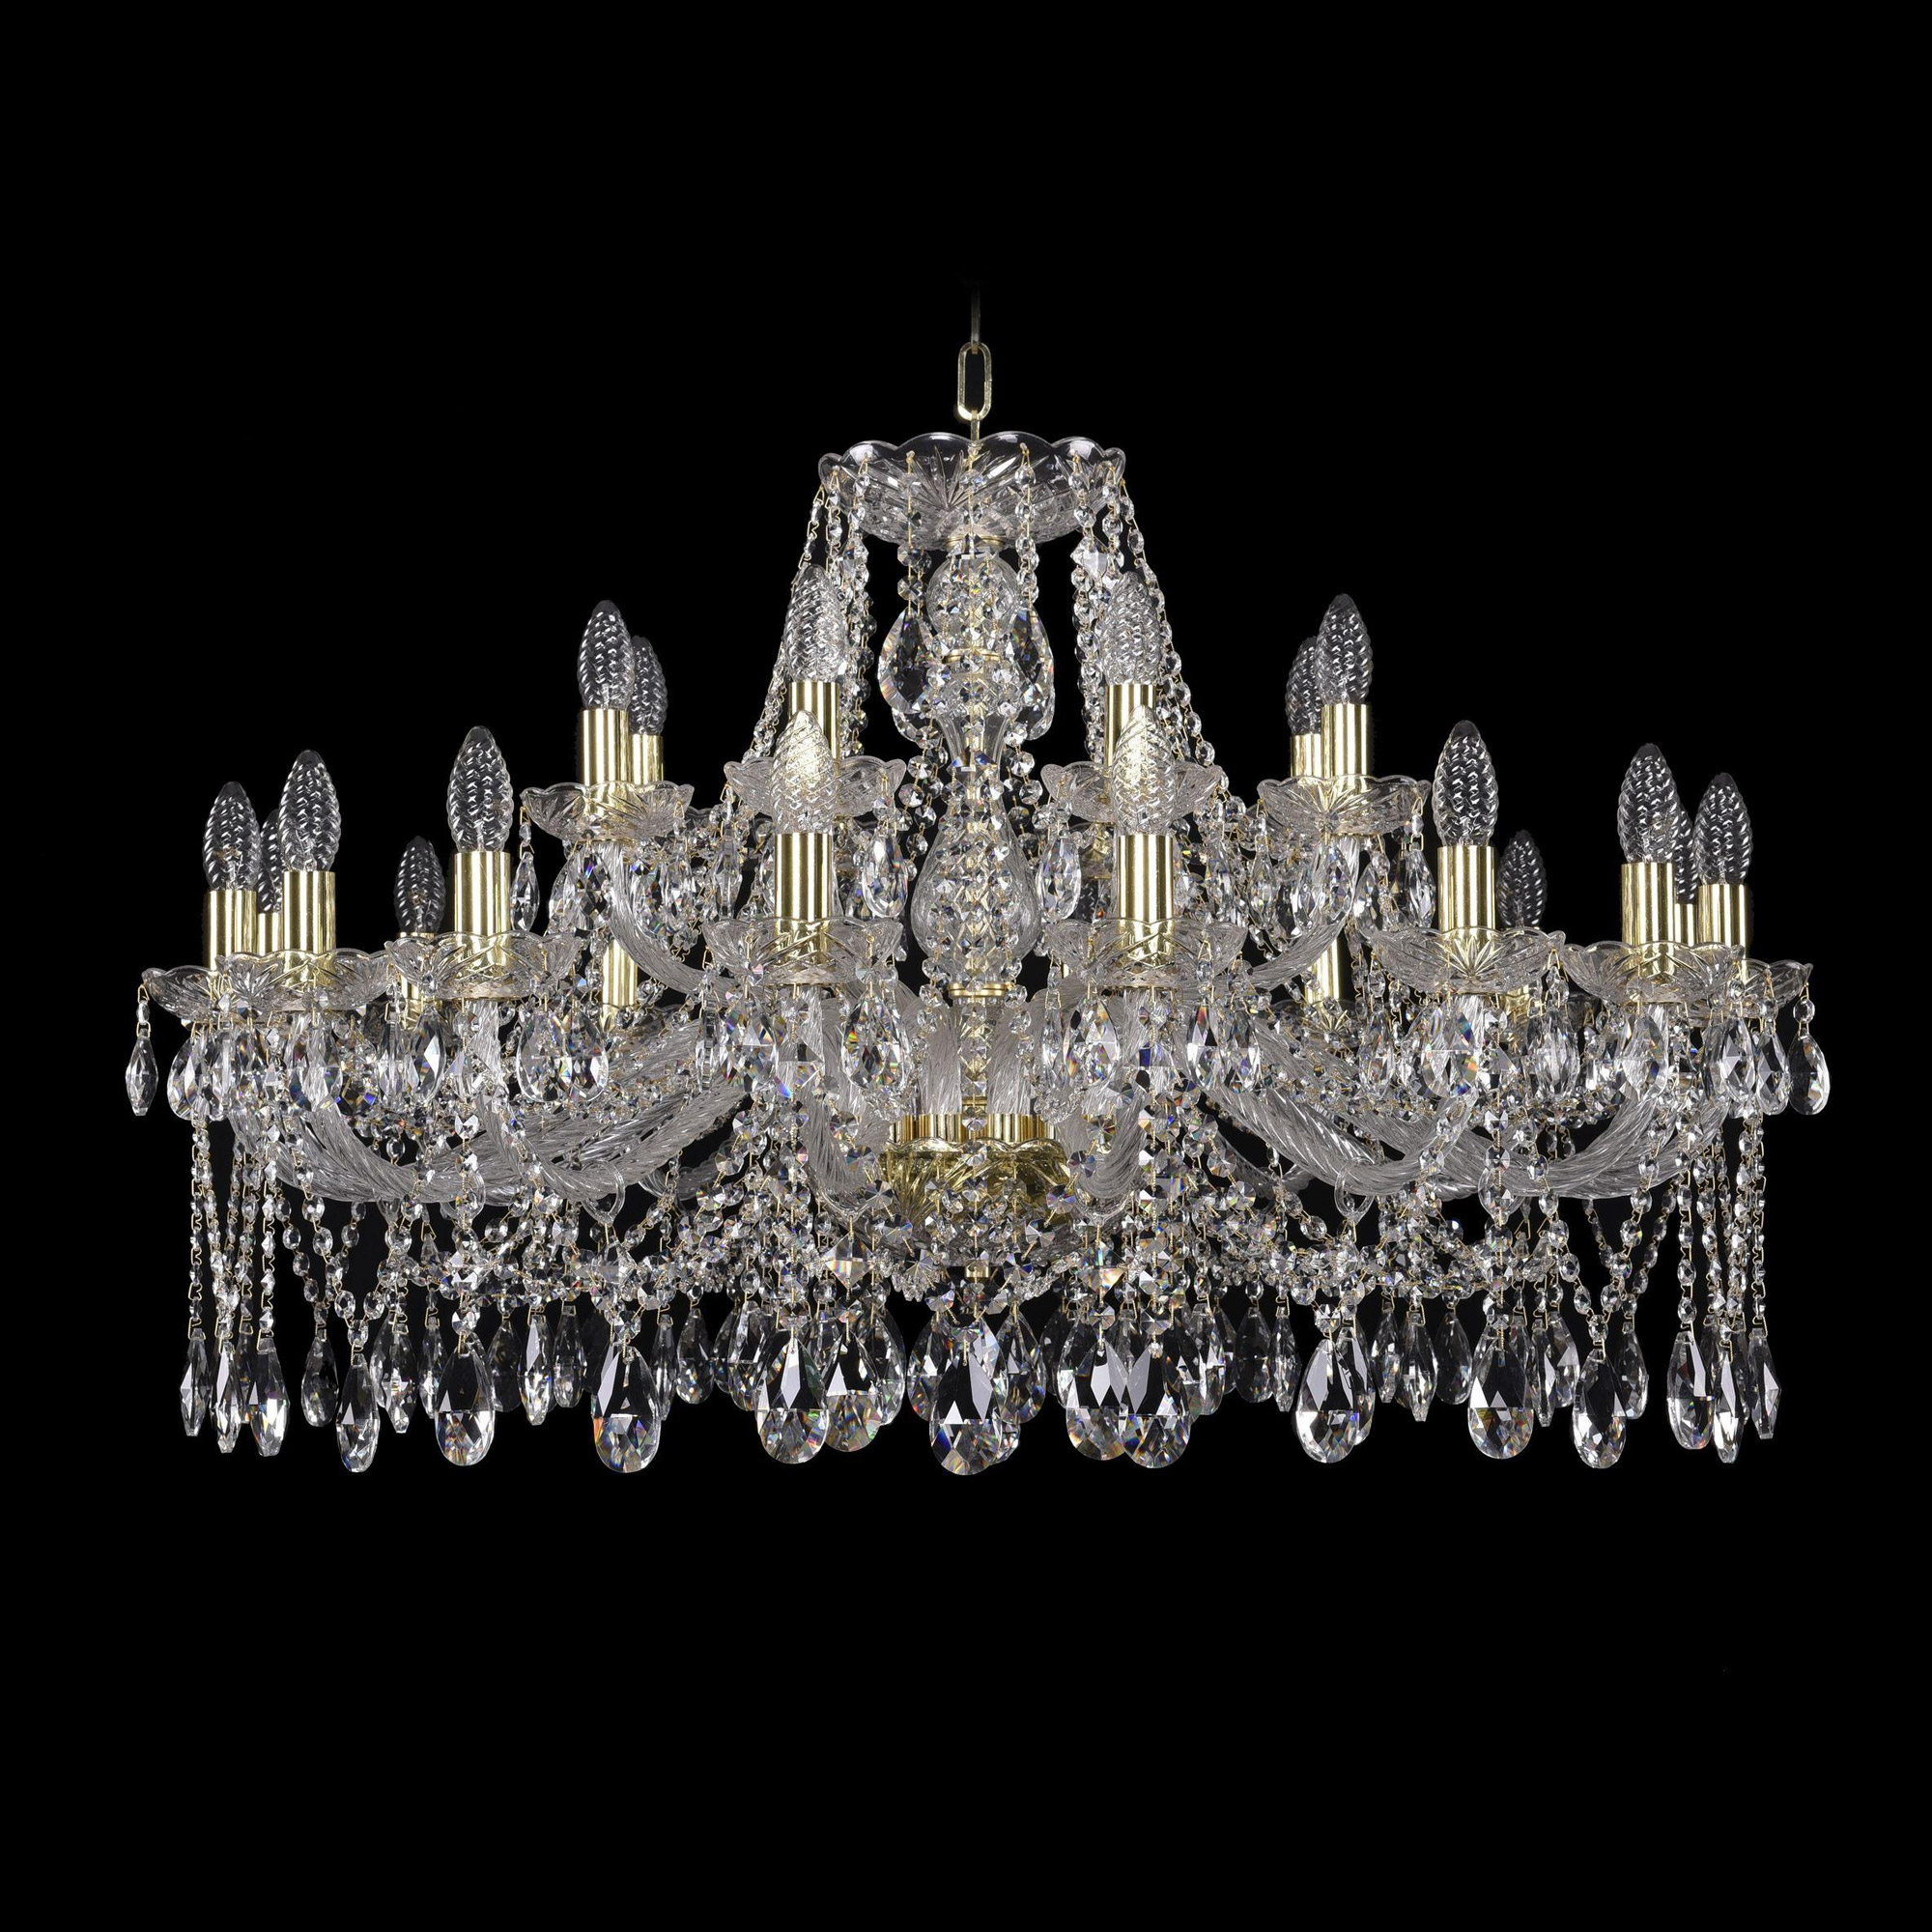 Bohemia Ivele Crystal 1413/16+8/360 G люстра bohemia ivele crystal 1402 1402 8 195 g m731 e14 320 вт